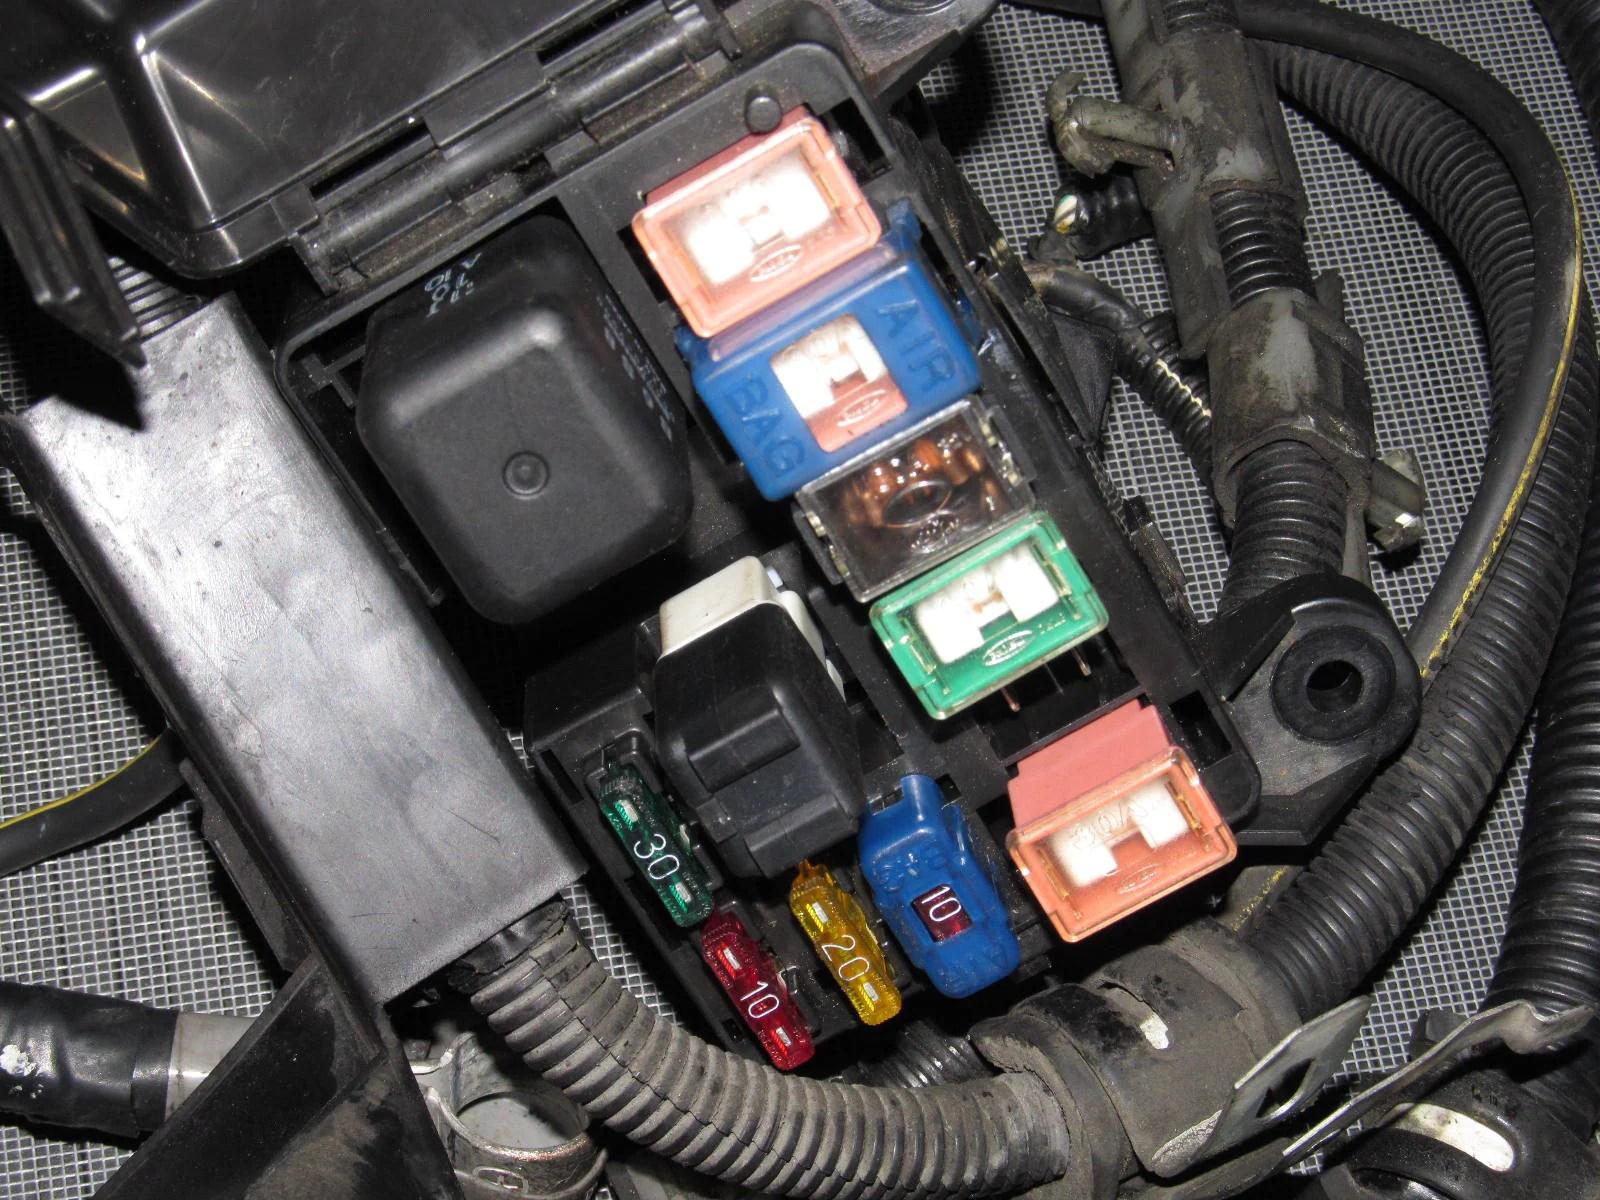 91 mazda miata fuse box wiring diagram technic91 mazda miata fuse box 17 [ 1600 x 1200 Pixel ]